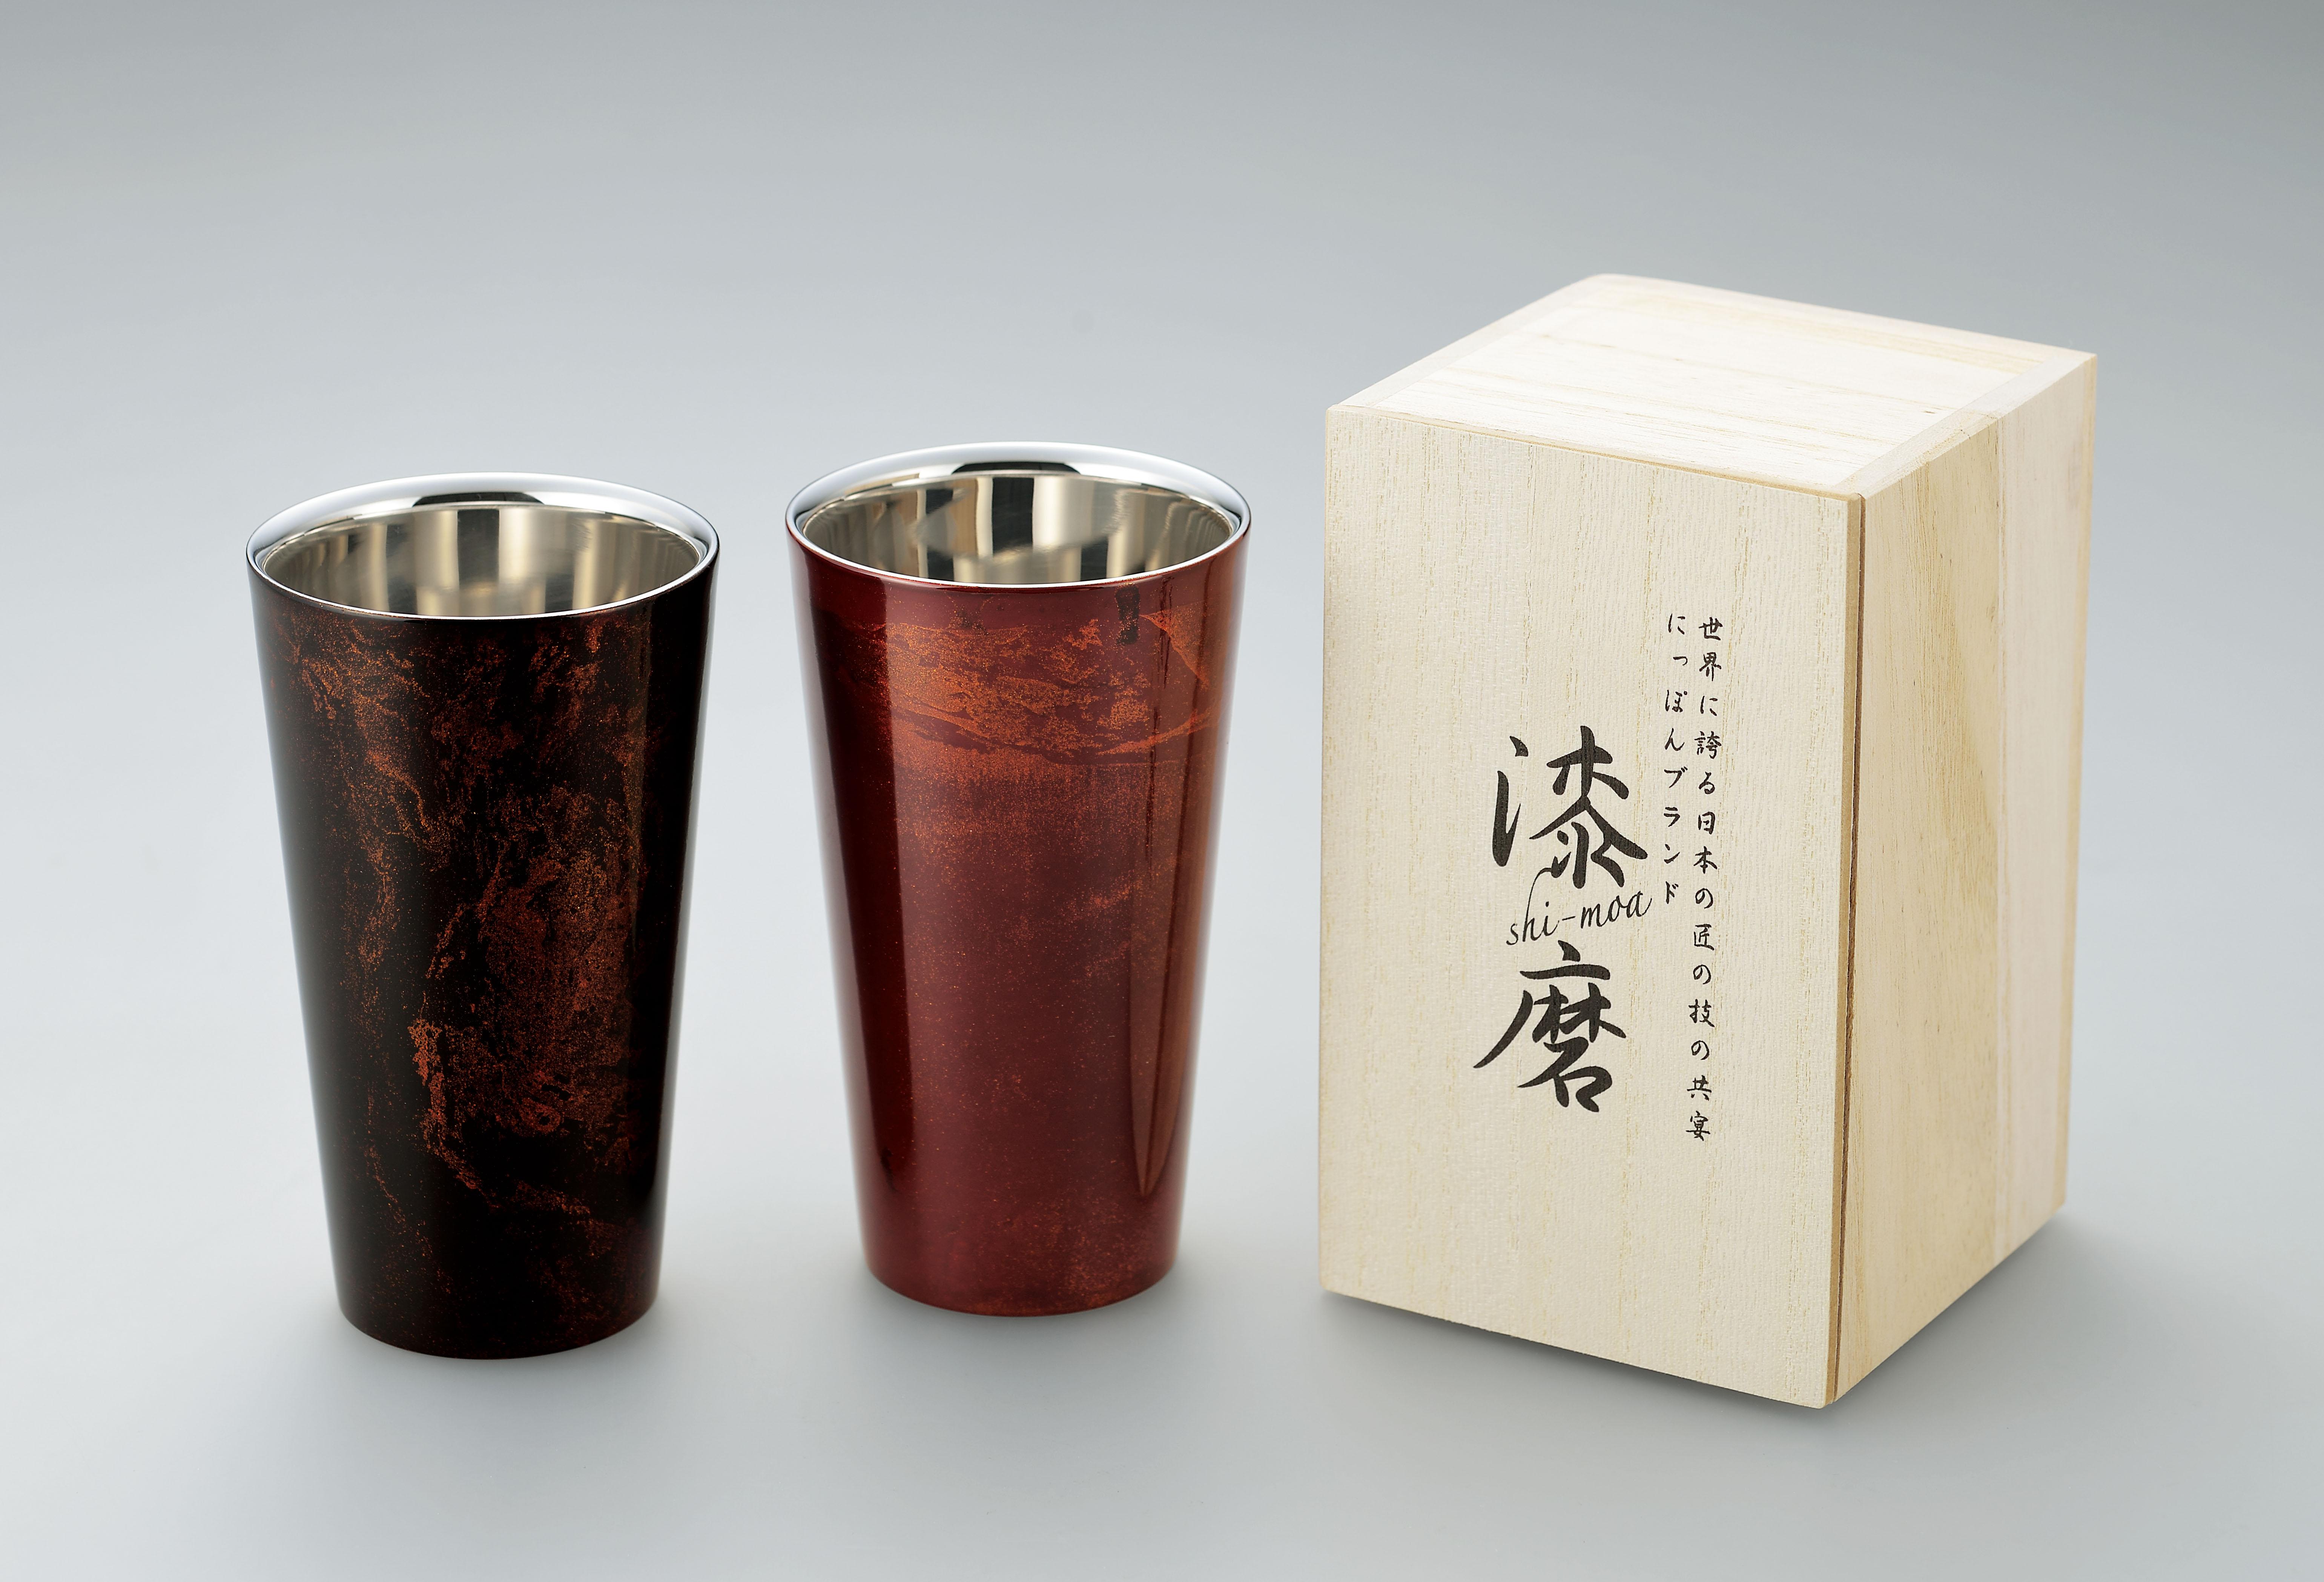 【日本製】 漆磨(シーマ) 本漆塗り 2重構造 ストレートカップ 1客(赤/黒)